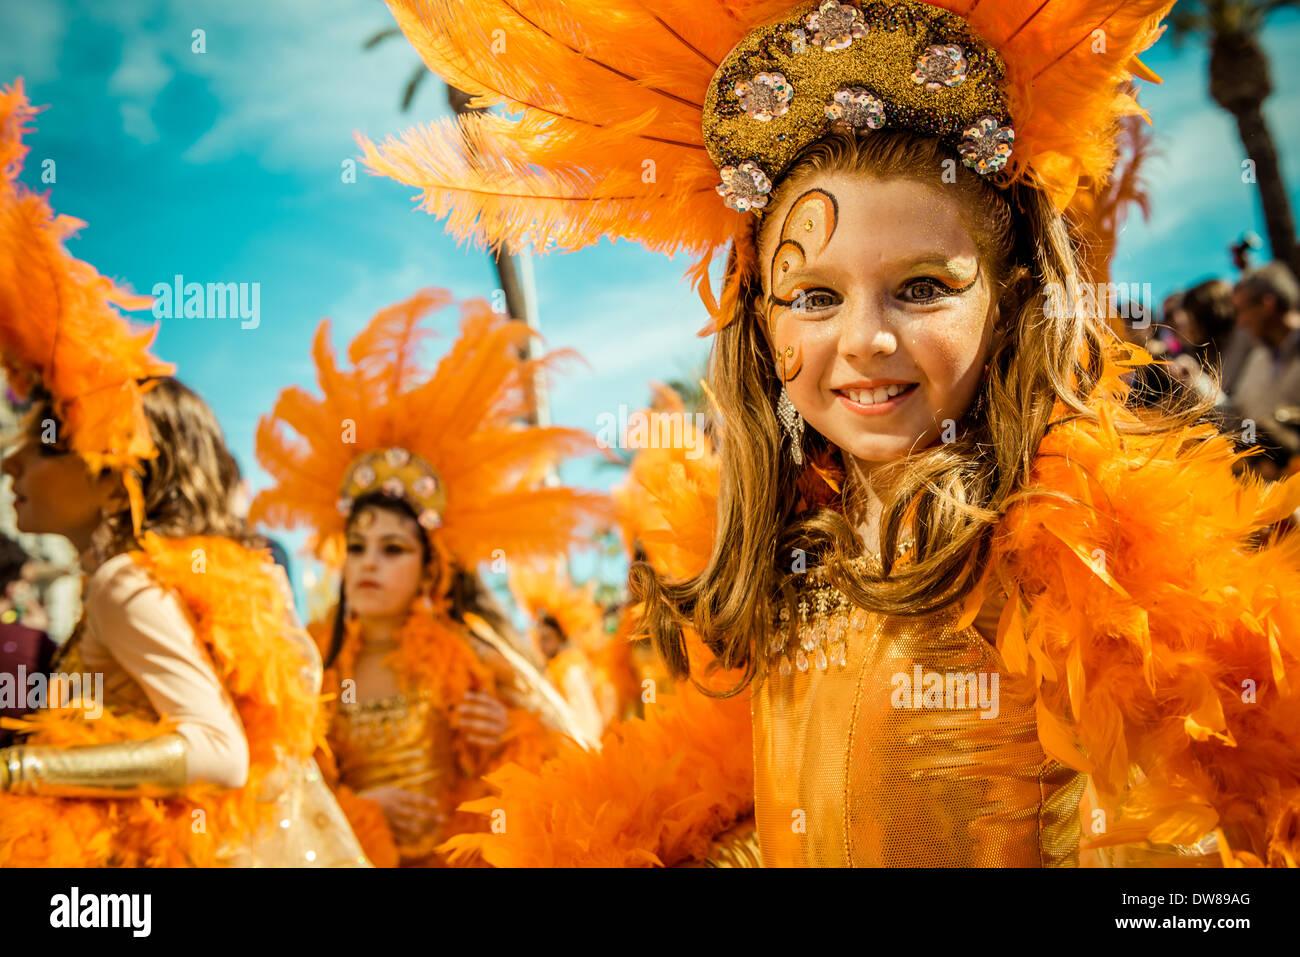 Sitges, Spanien. 2. März 2014: Kinder Nachtschwärmer tanzen während der Sonntag-Parade von der Kinder-Karnevalsumzug Stockfoto